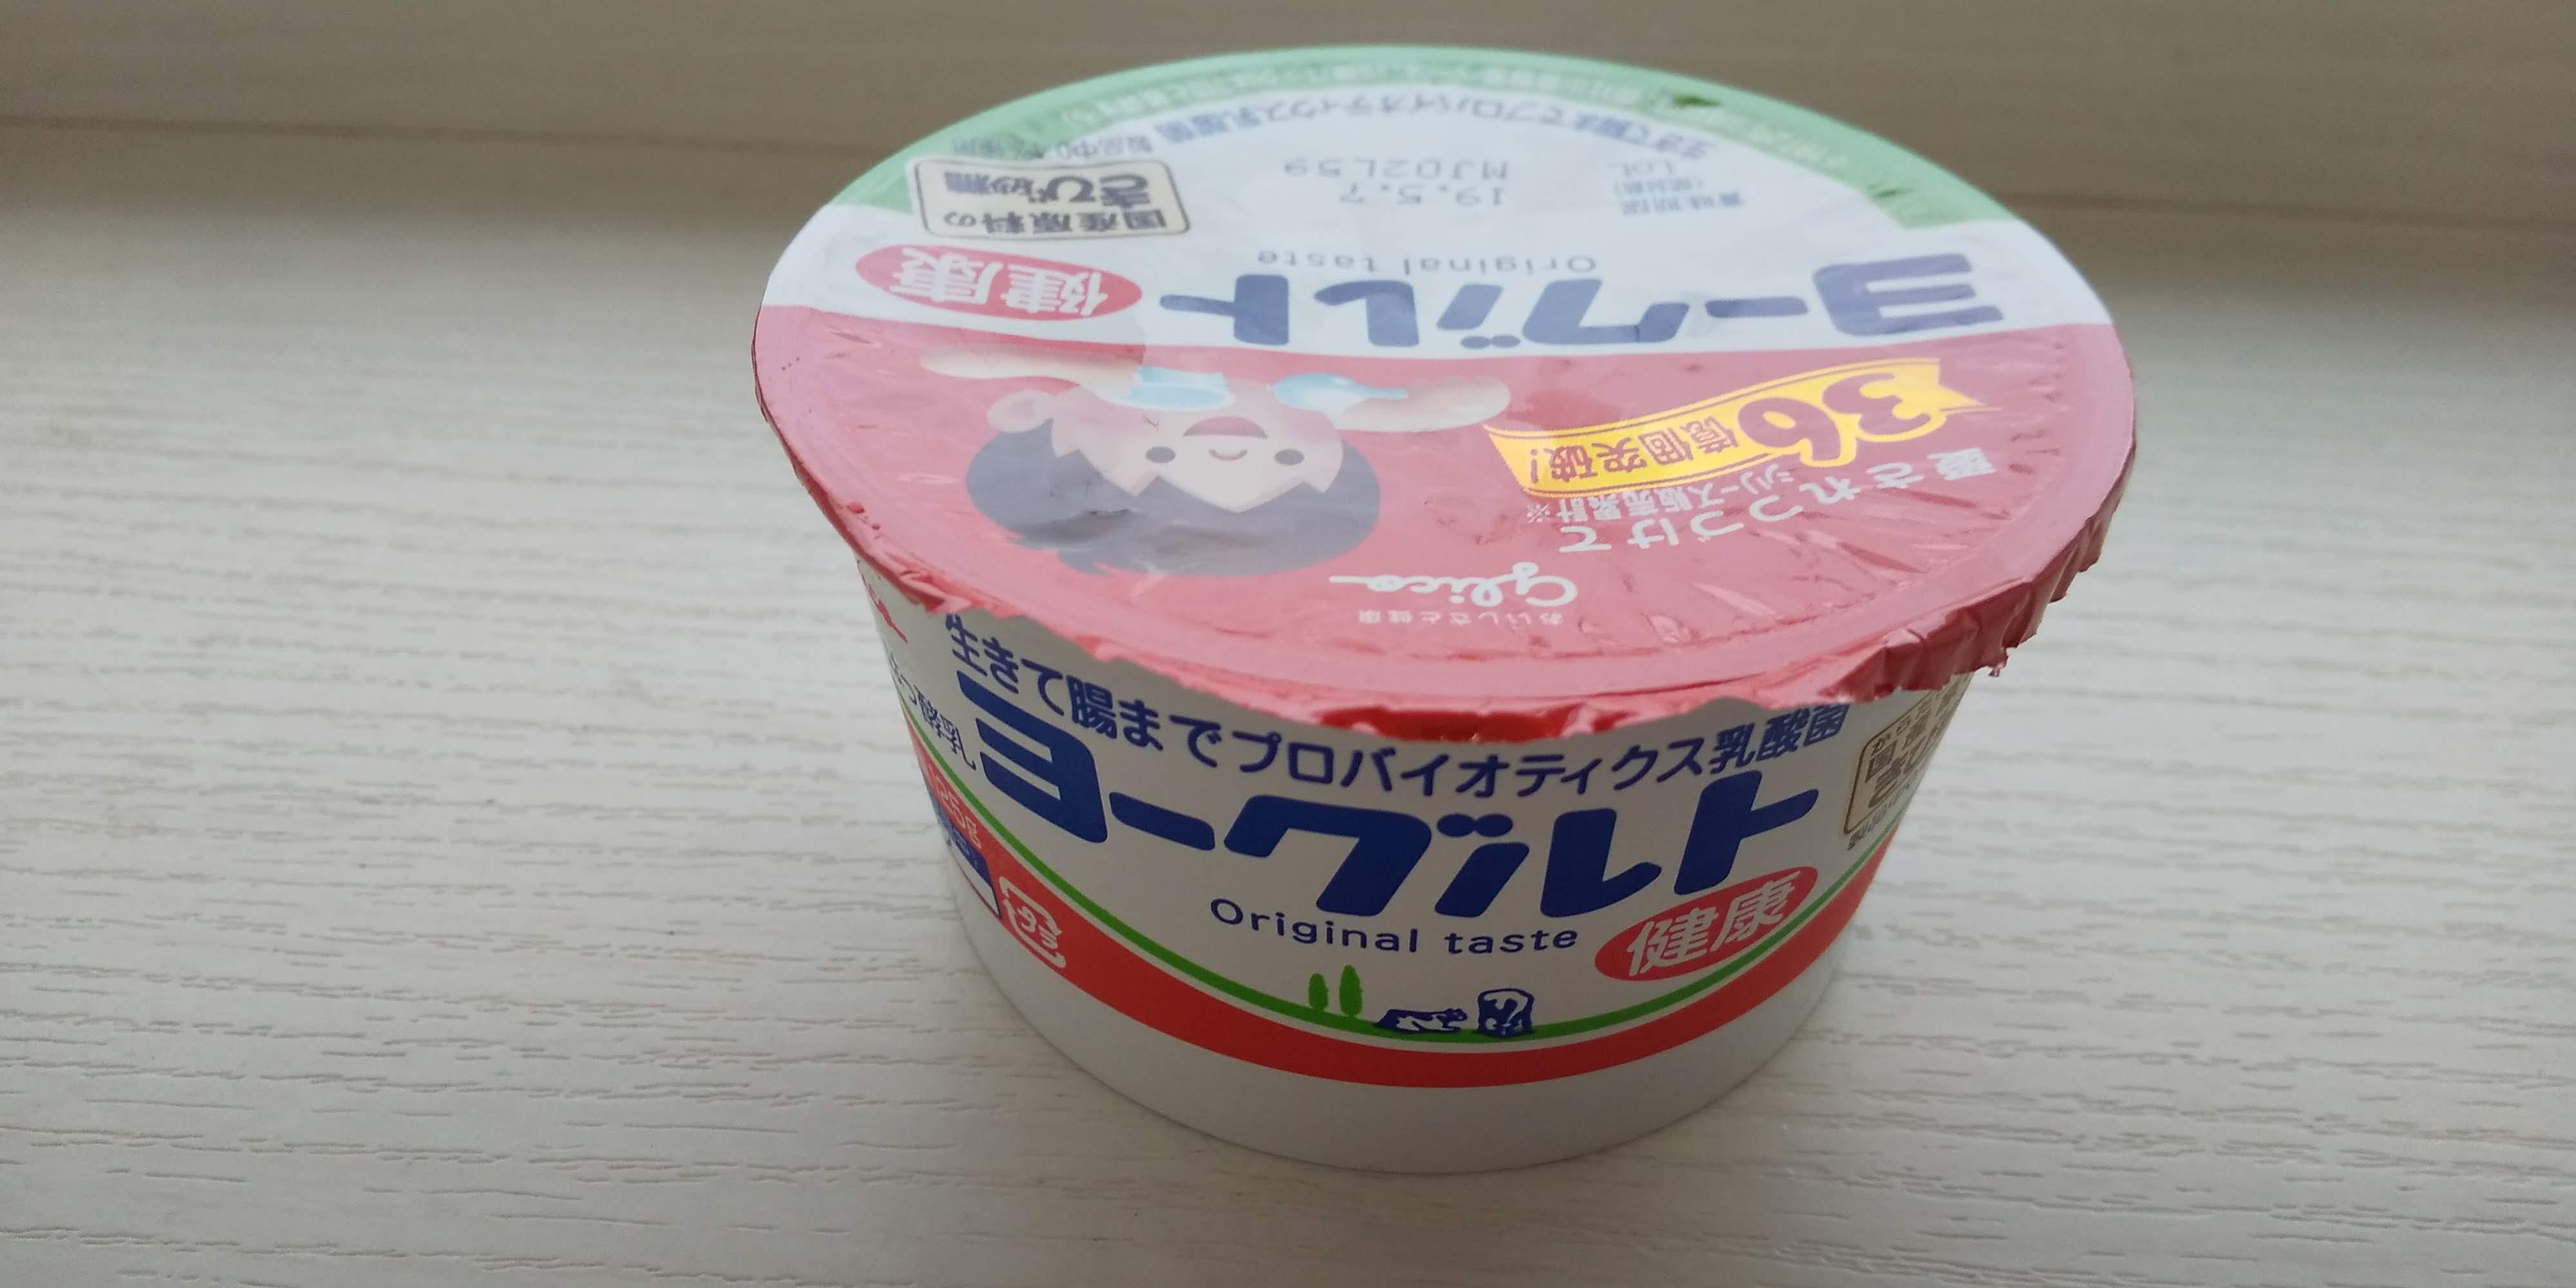 グリコ『ヨーグルト健康』Original Taste 125g